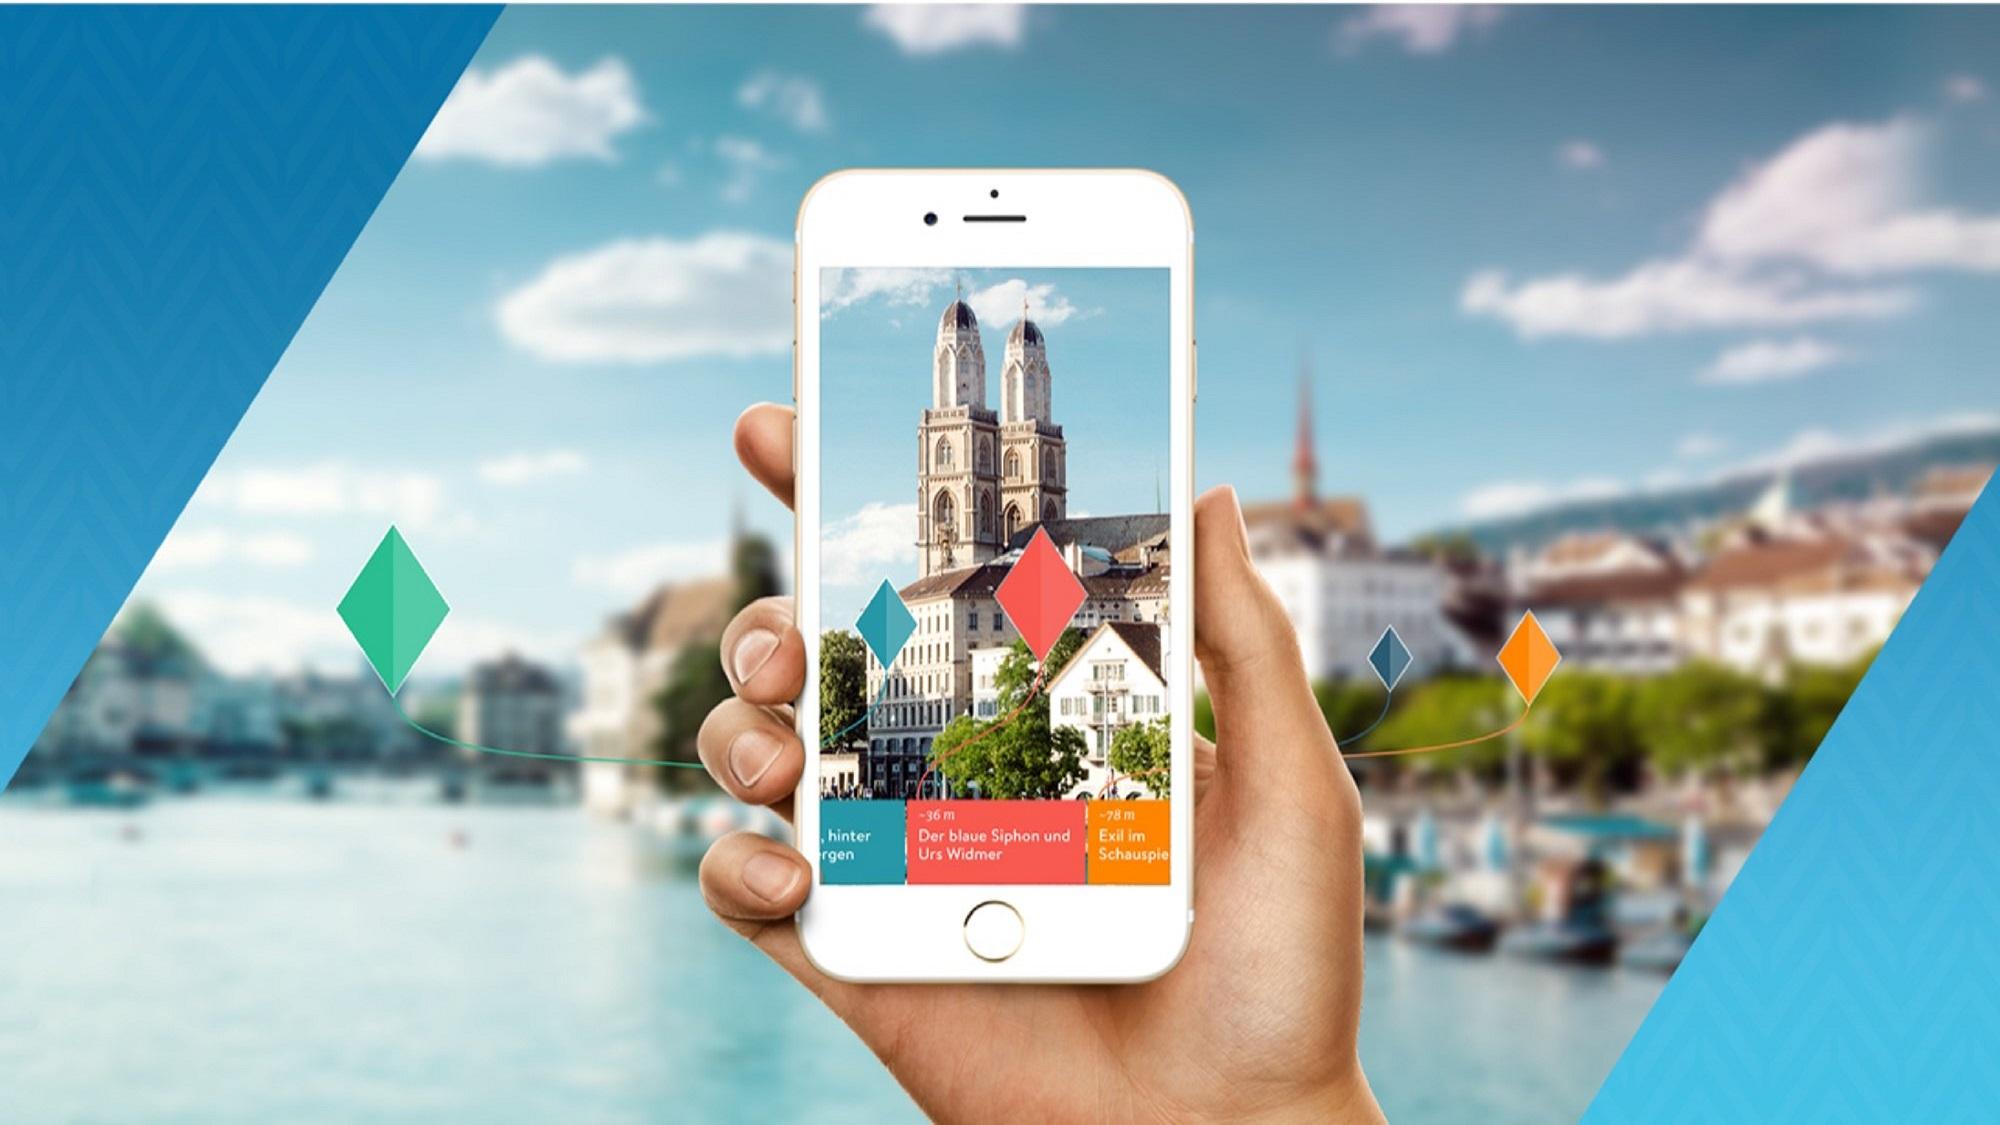 BUX App im Vordergrund, im Hintergrund verschwommen eine Stadt